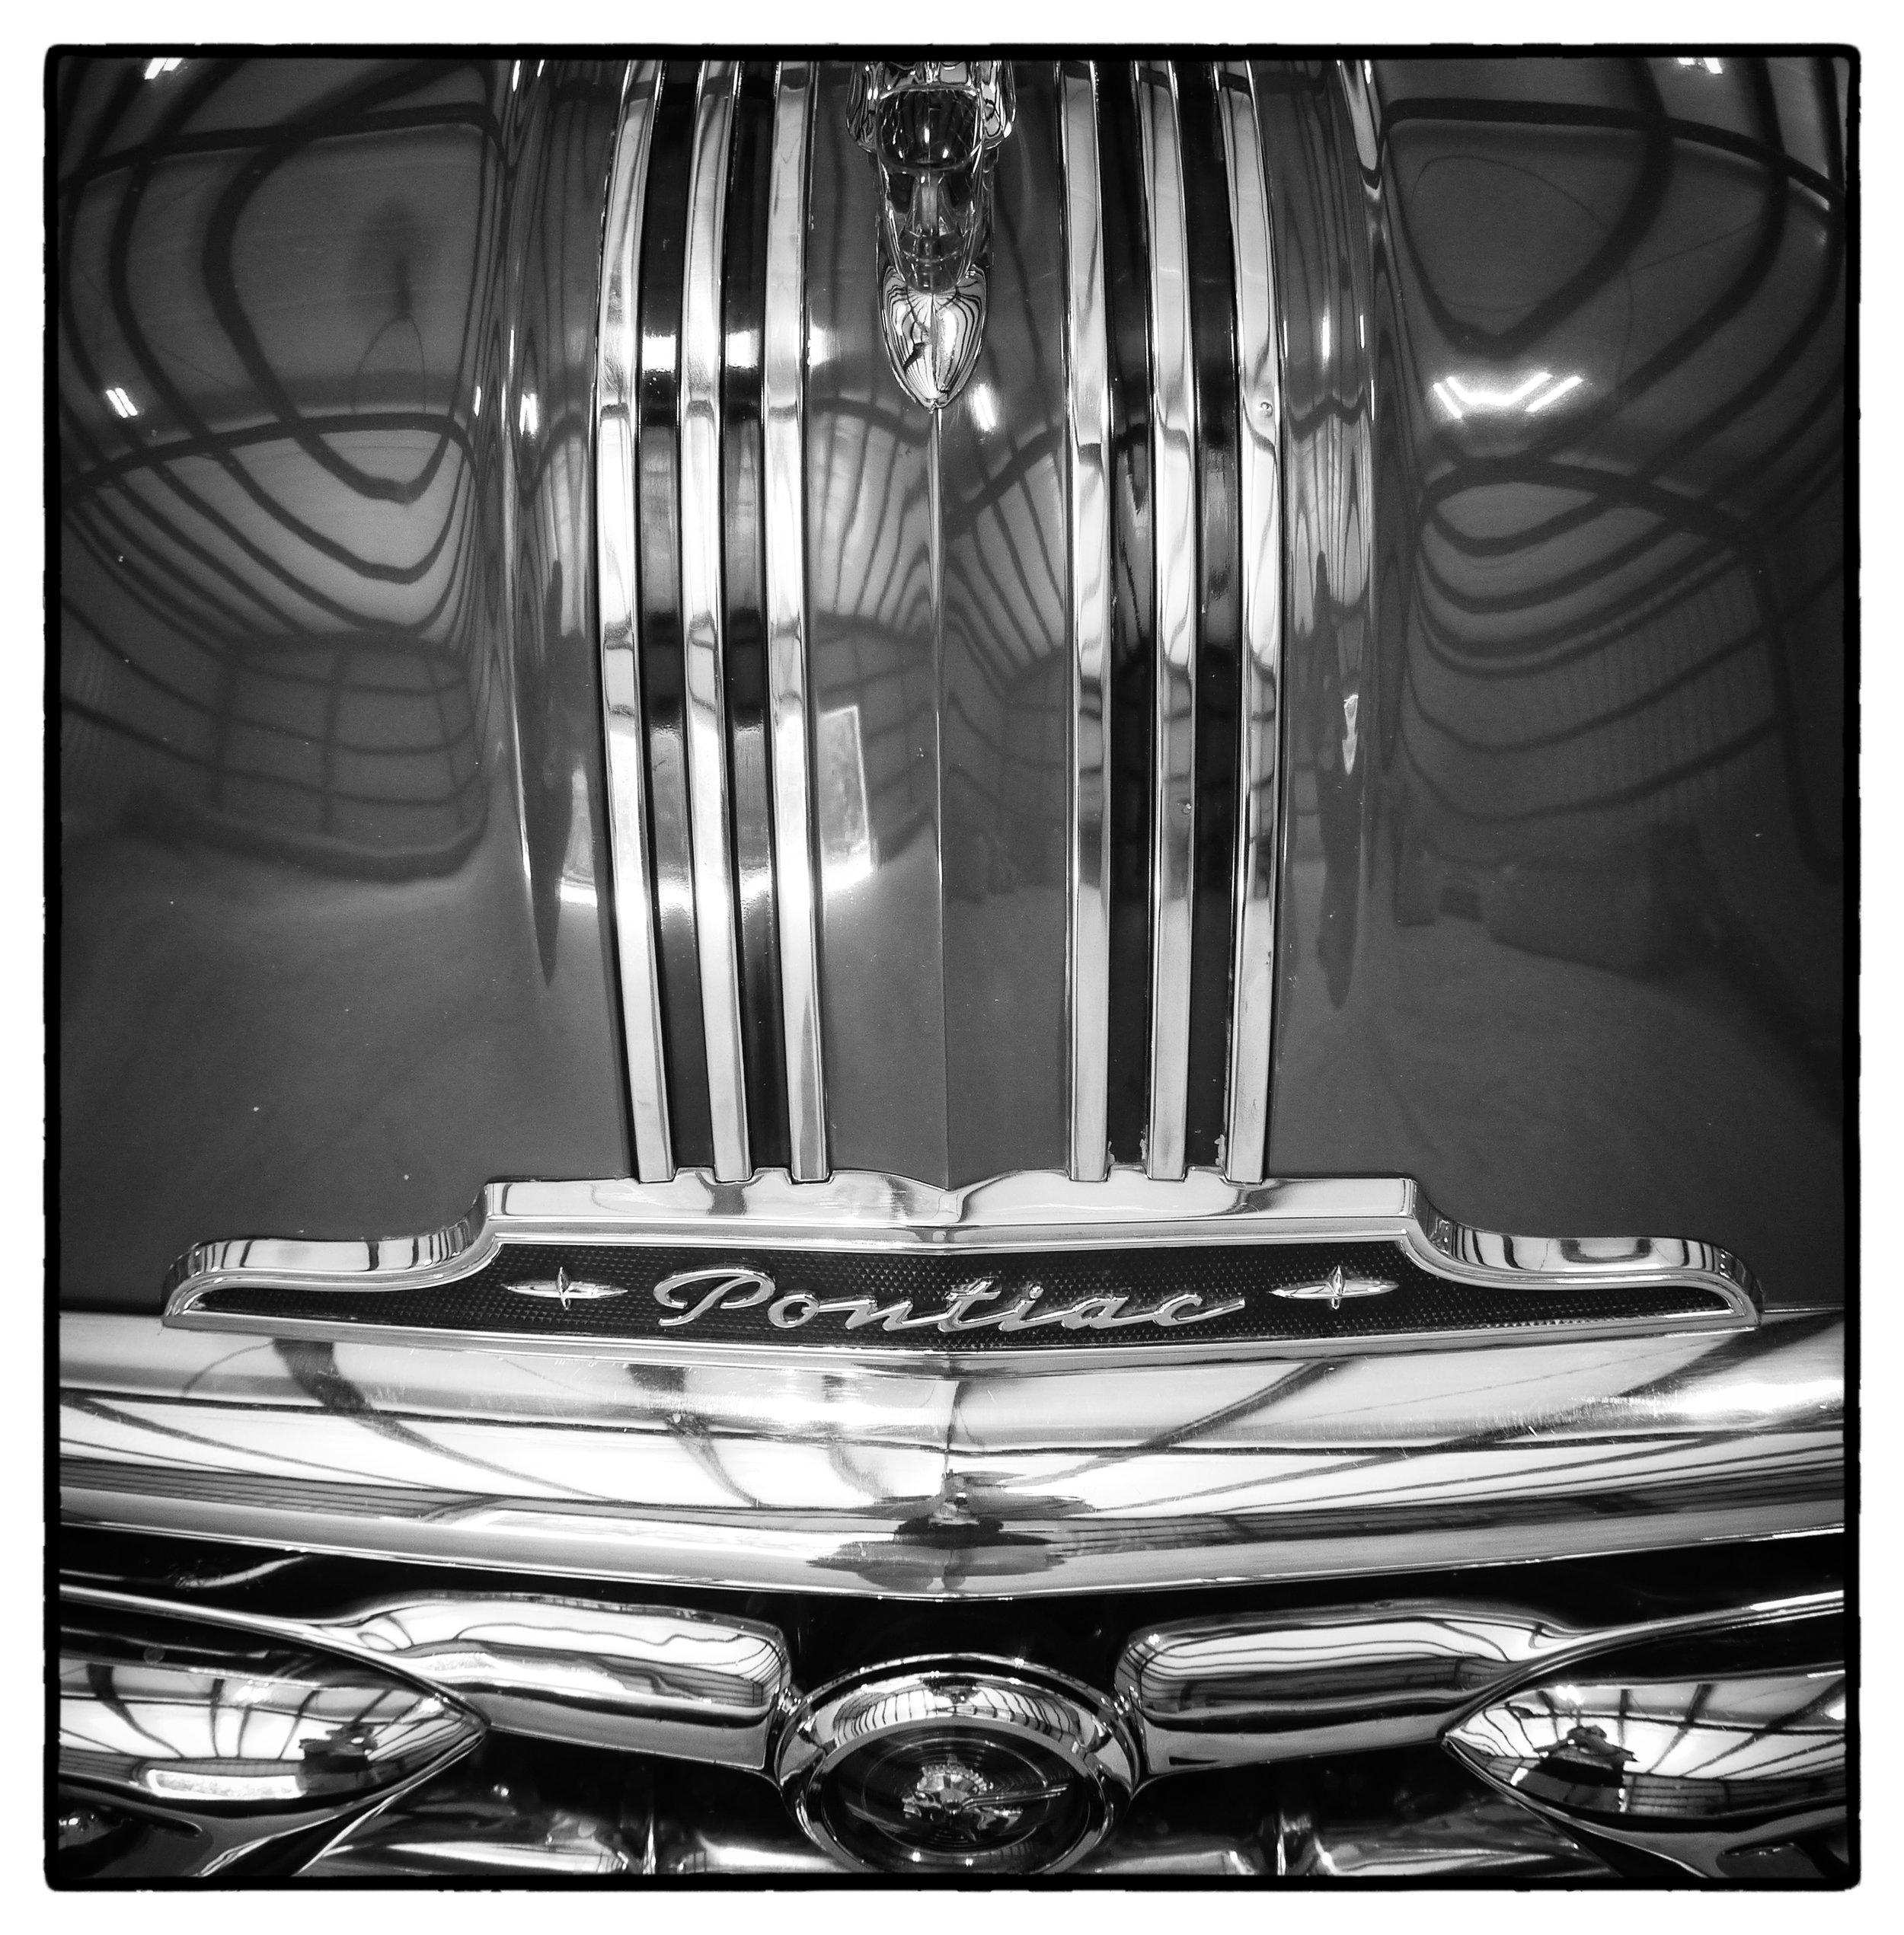 Pontiac_Hood_at_Motorland.jpg